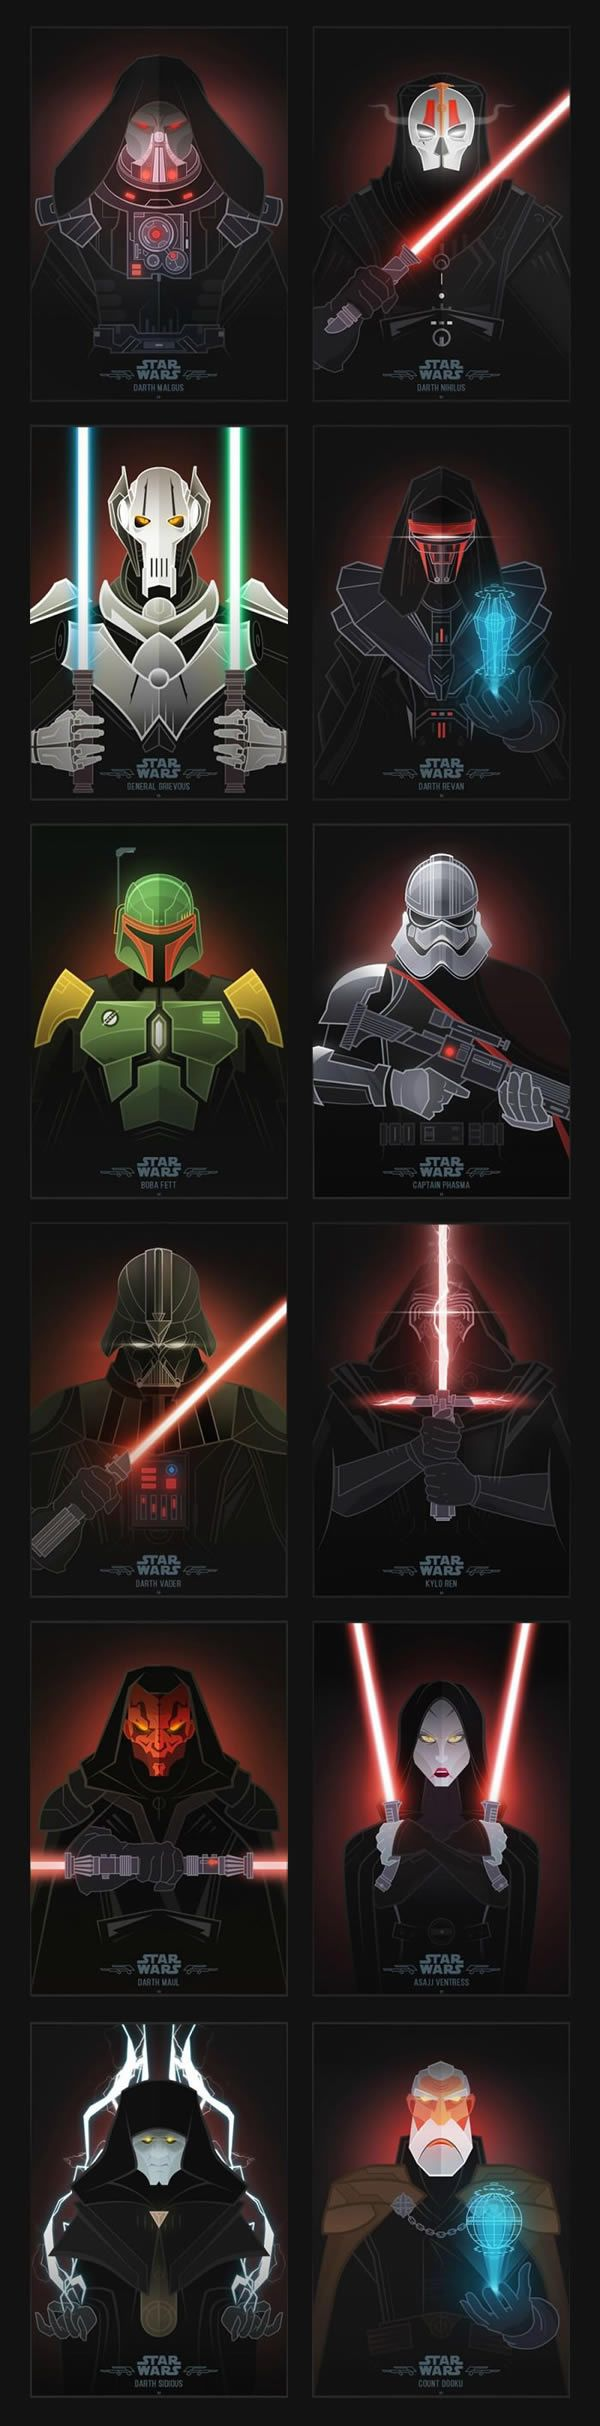 Desenhos Ilustram o Lado Negro De Star Wars - Não Intendo